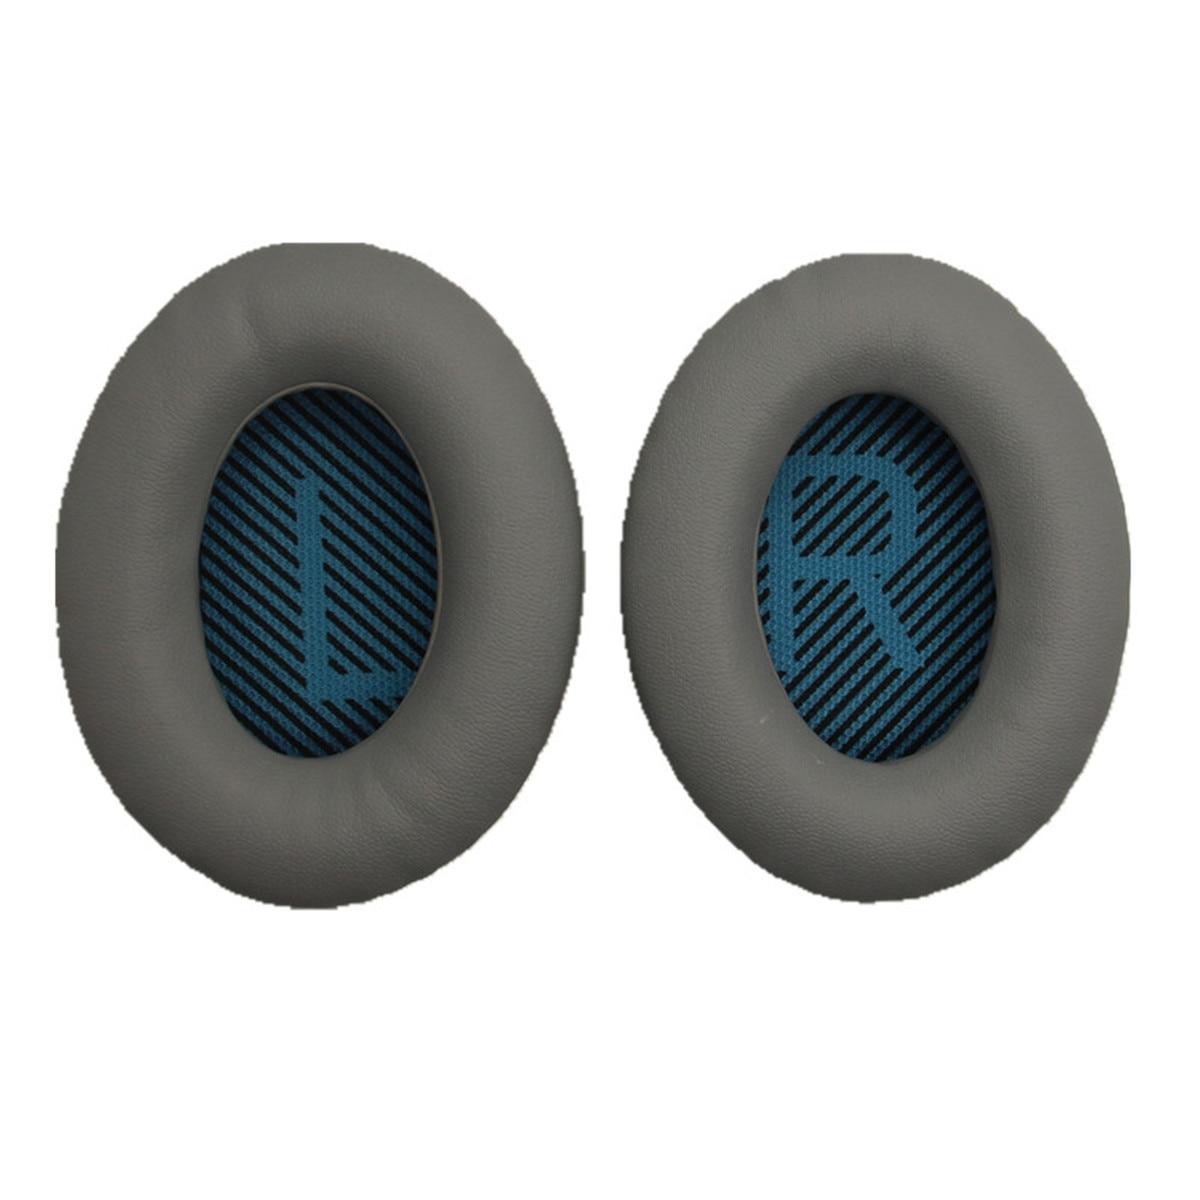 De cuero proteico Almohadillas para oreja de espuma cojines para Bose Quietcomfort...